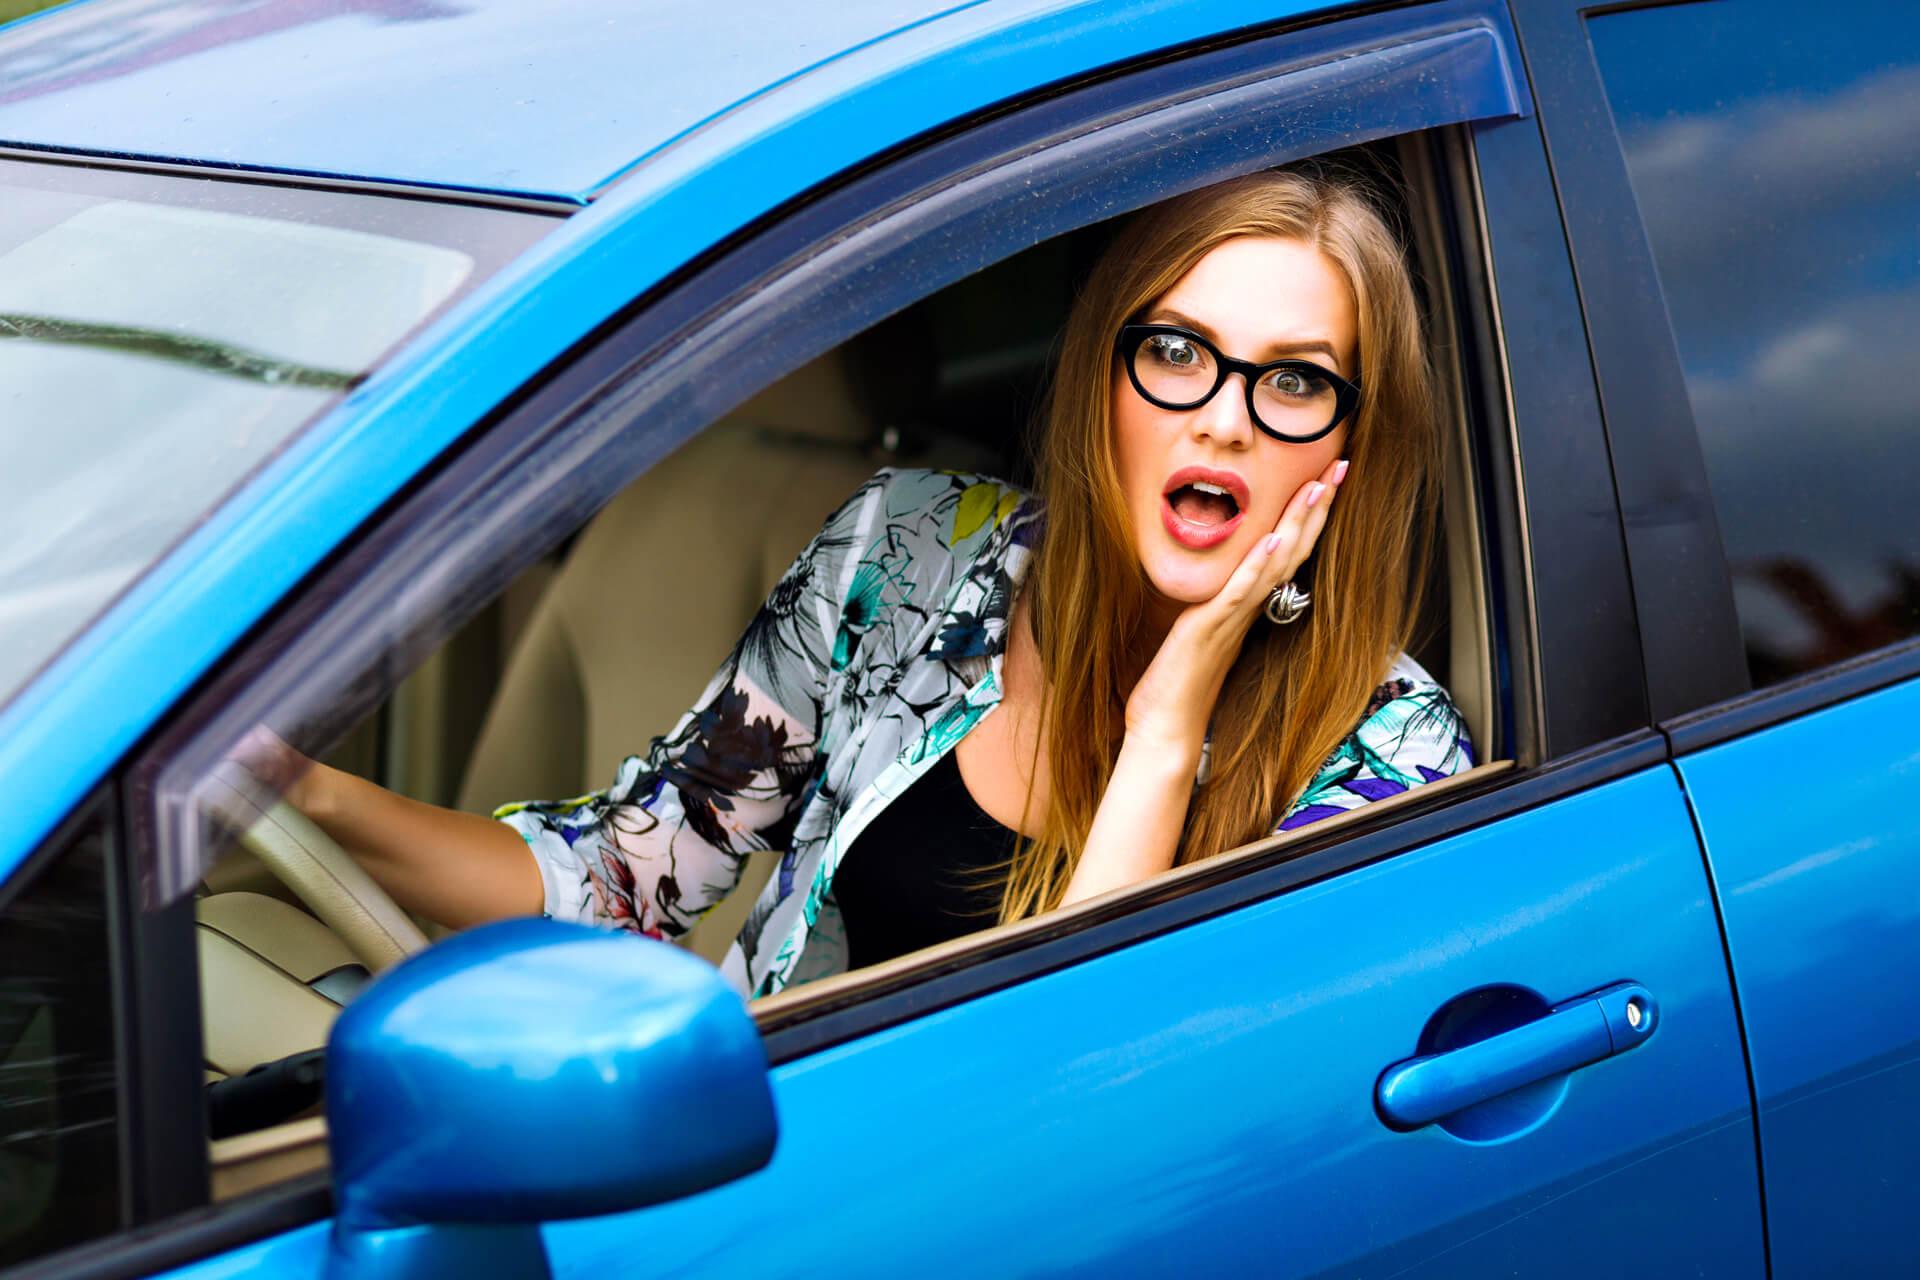 Mulher indignada por não poder dirigir